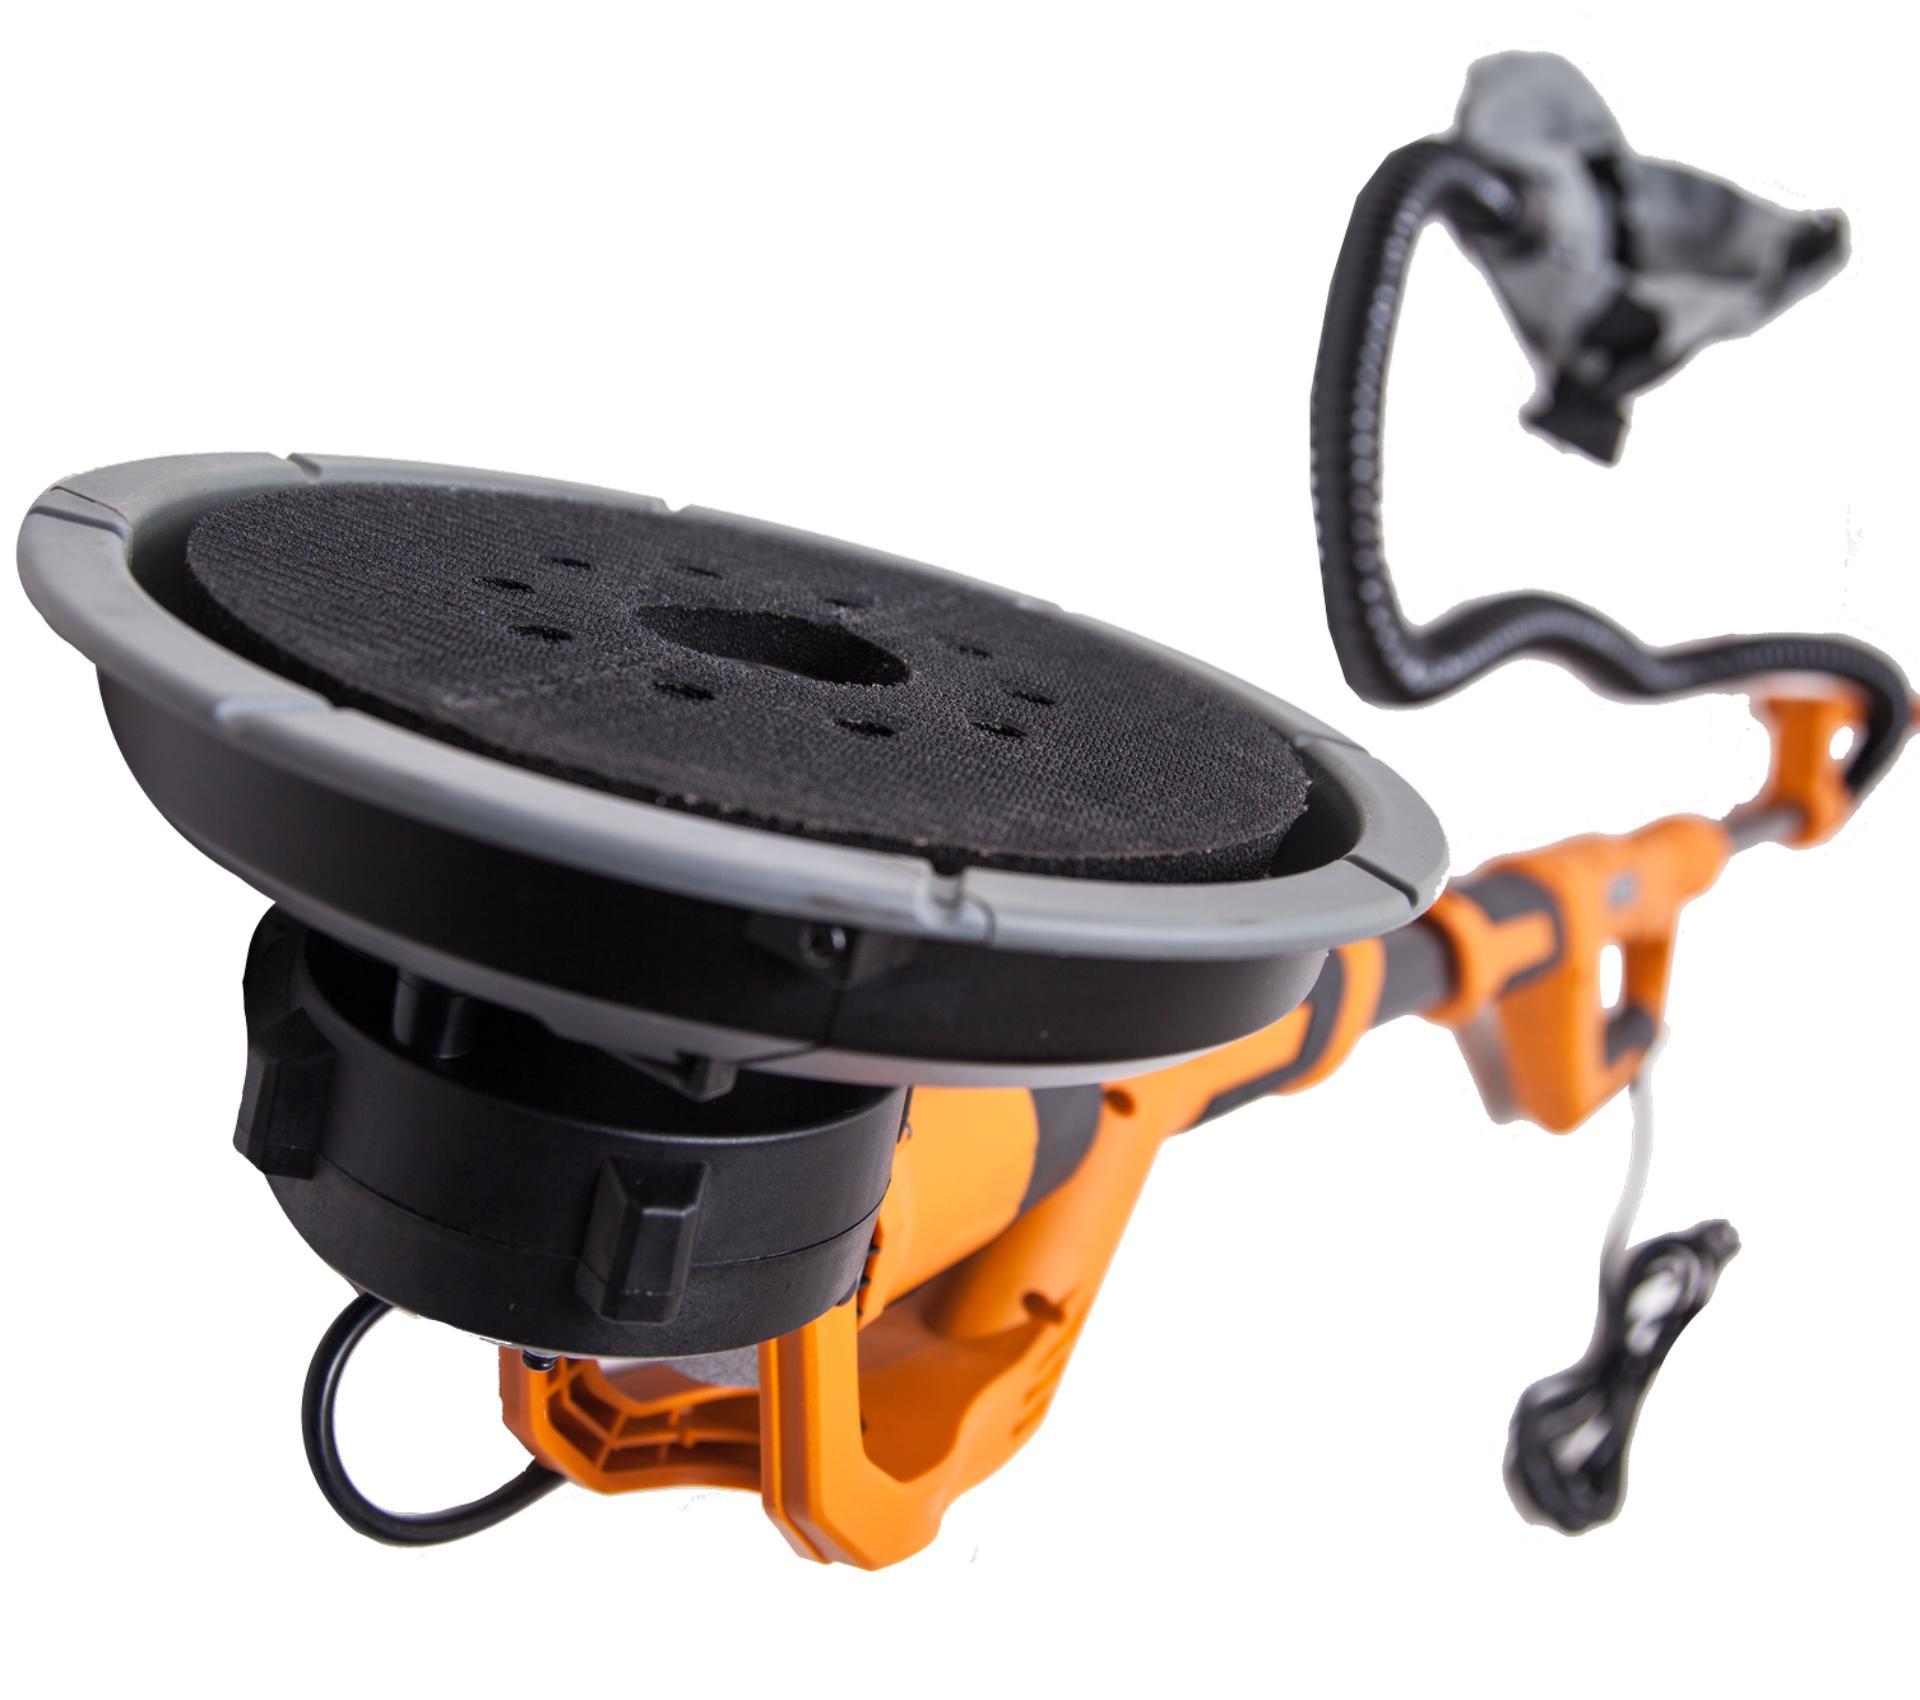 Шлифовальная машина для стен и потолков Aspro-C3 (пылесос не требуется)